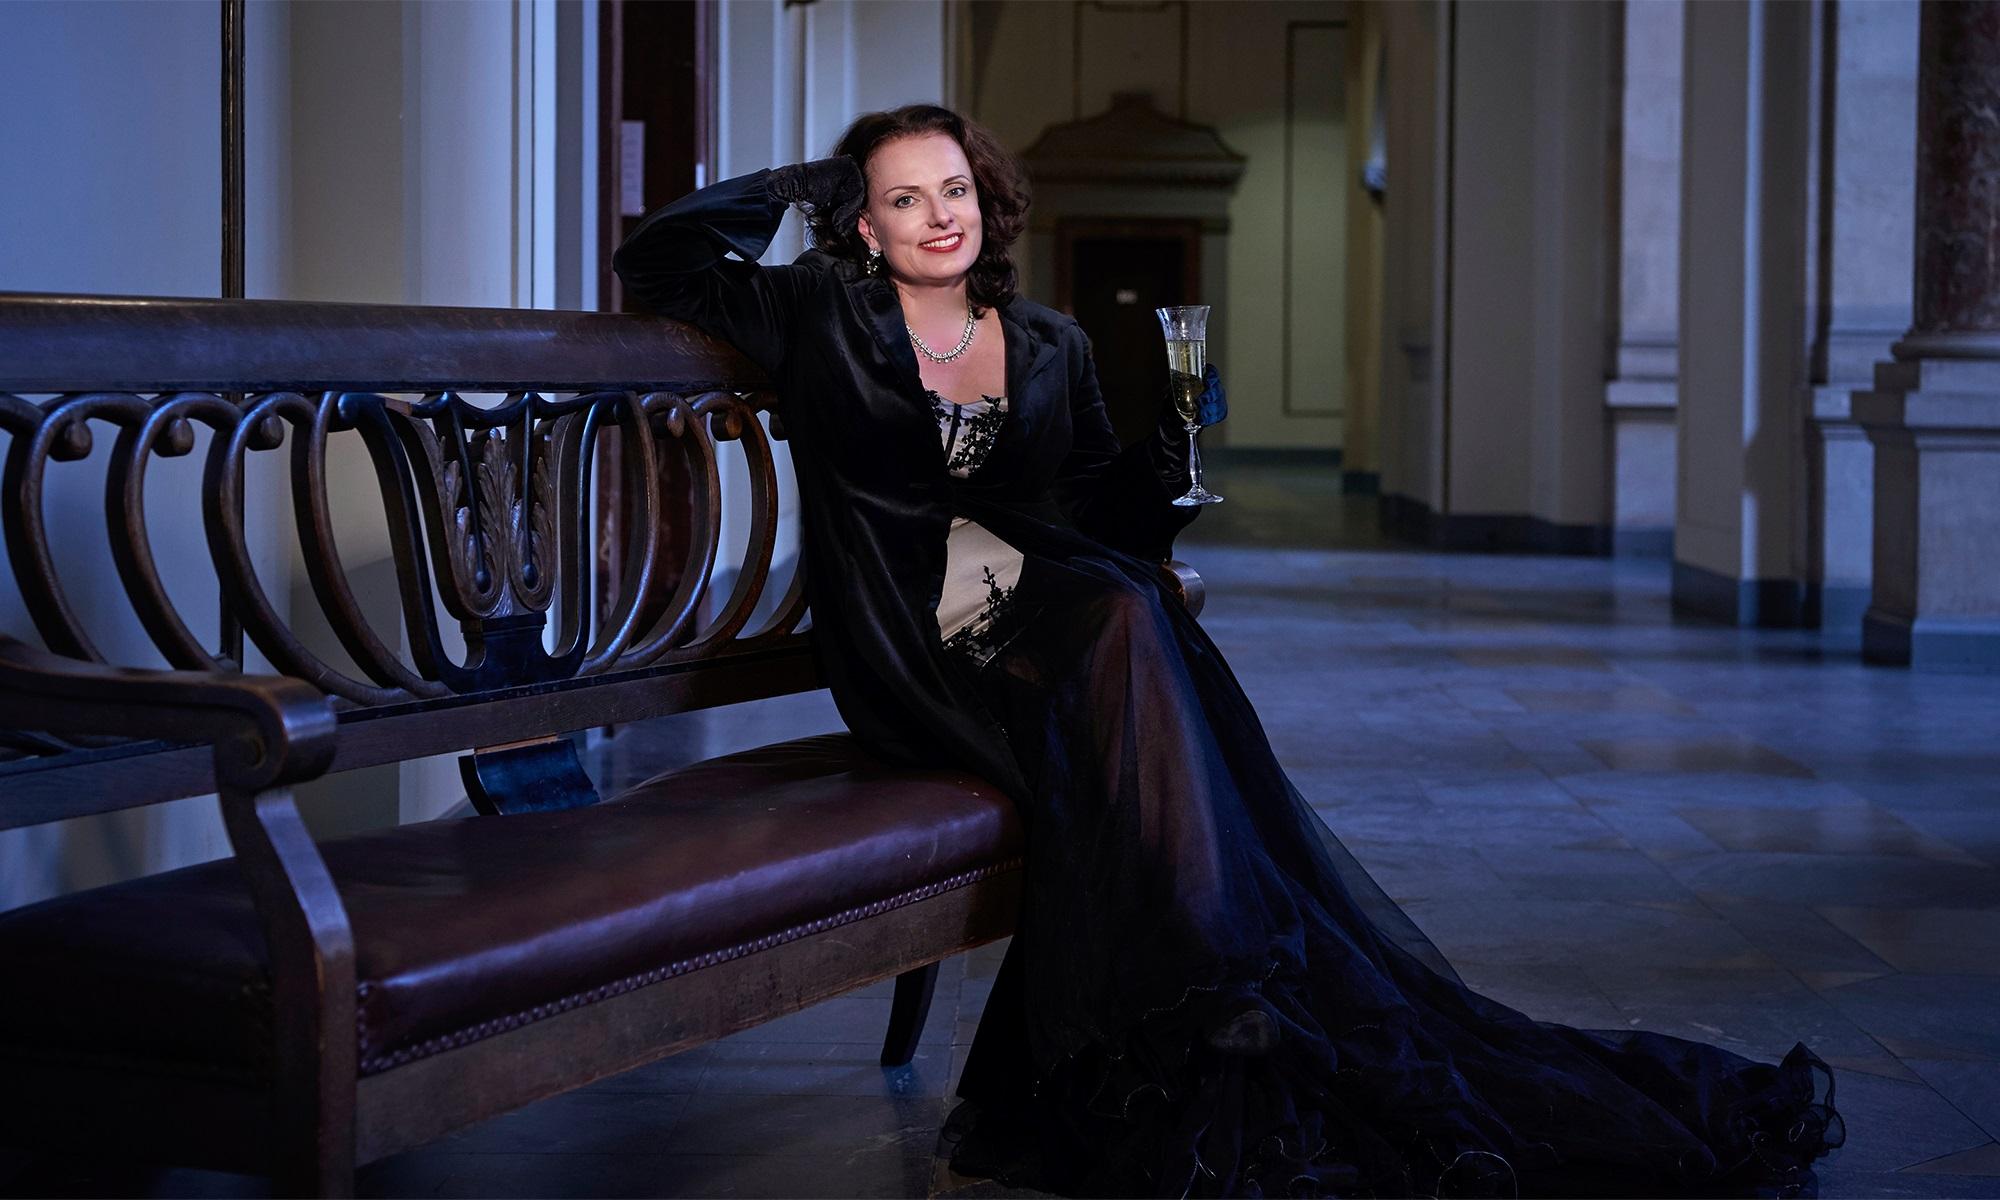 Hochzeitssängerin Katrin Iltgen begrüßt Sie im eleganten Abendkleid